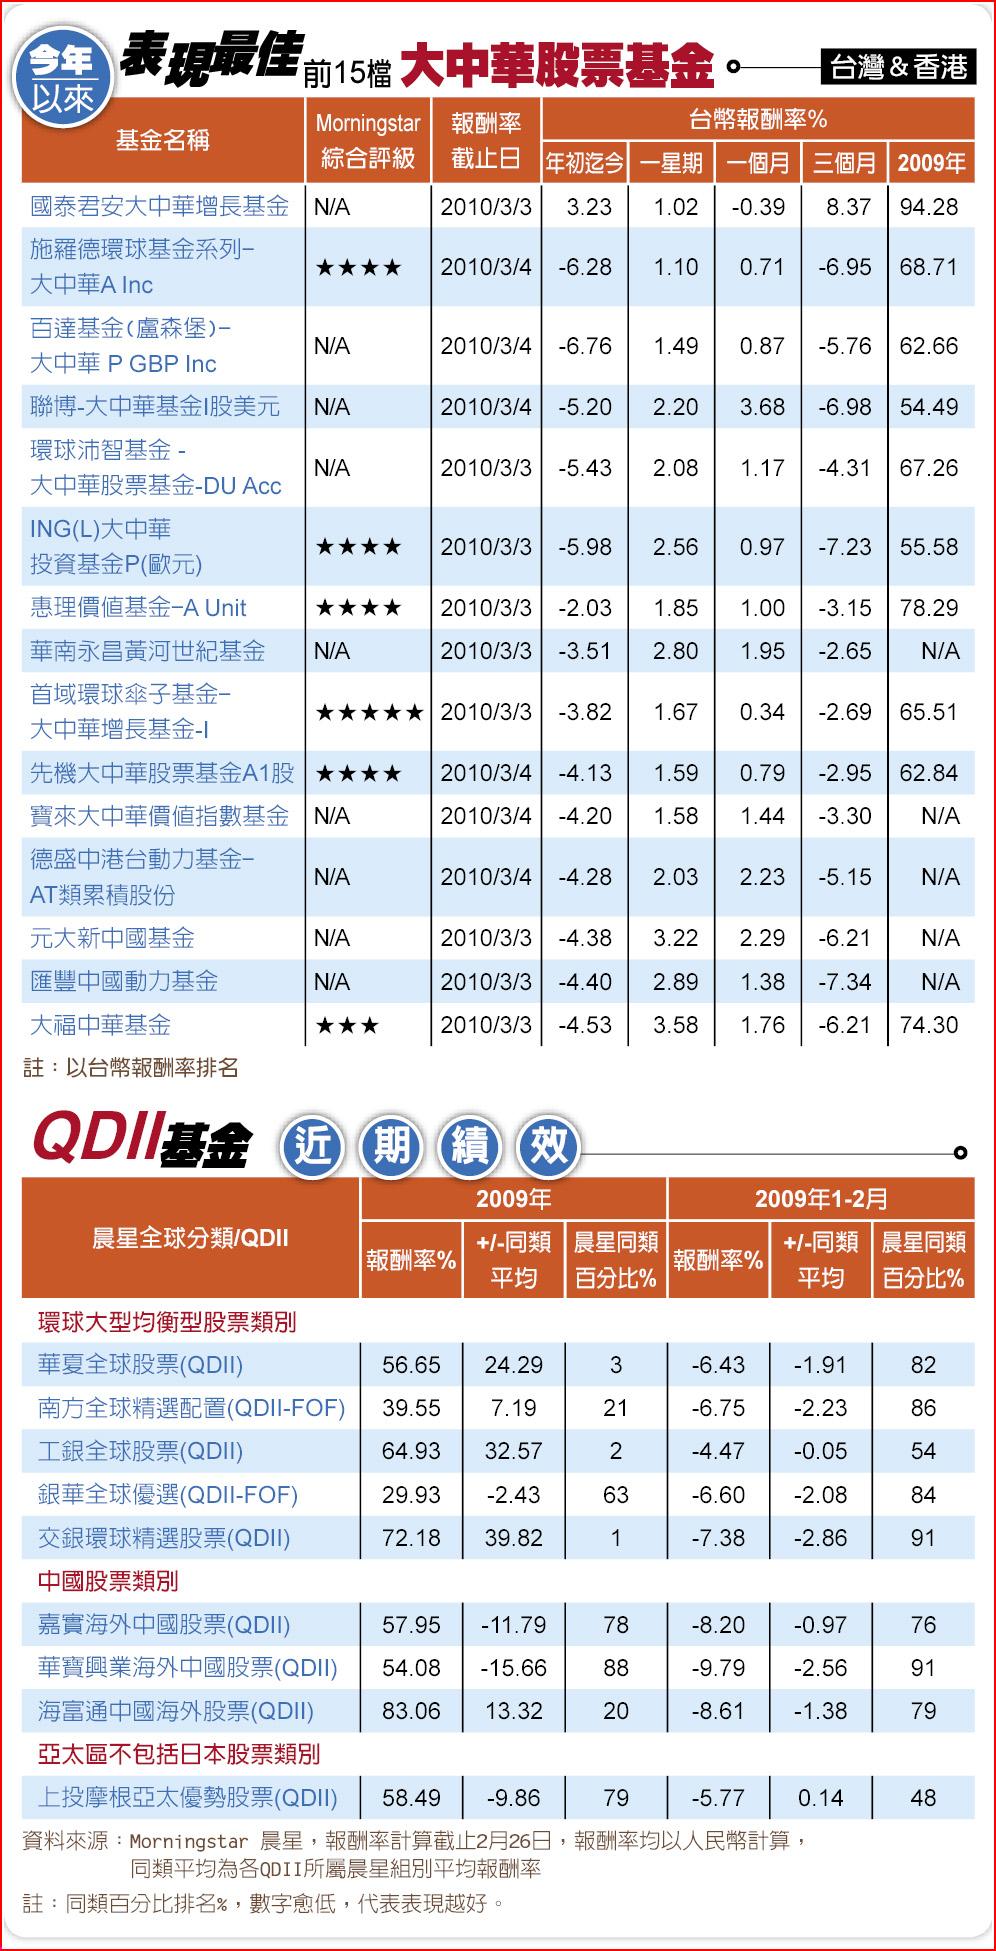 表現最佳前15檔大中華股票基金